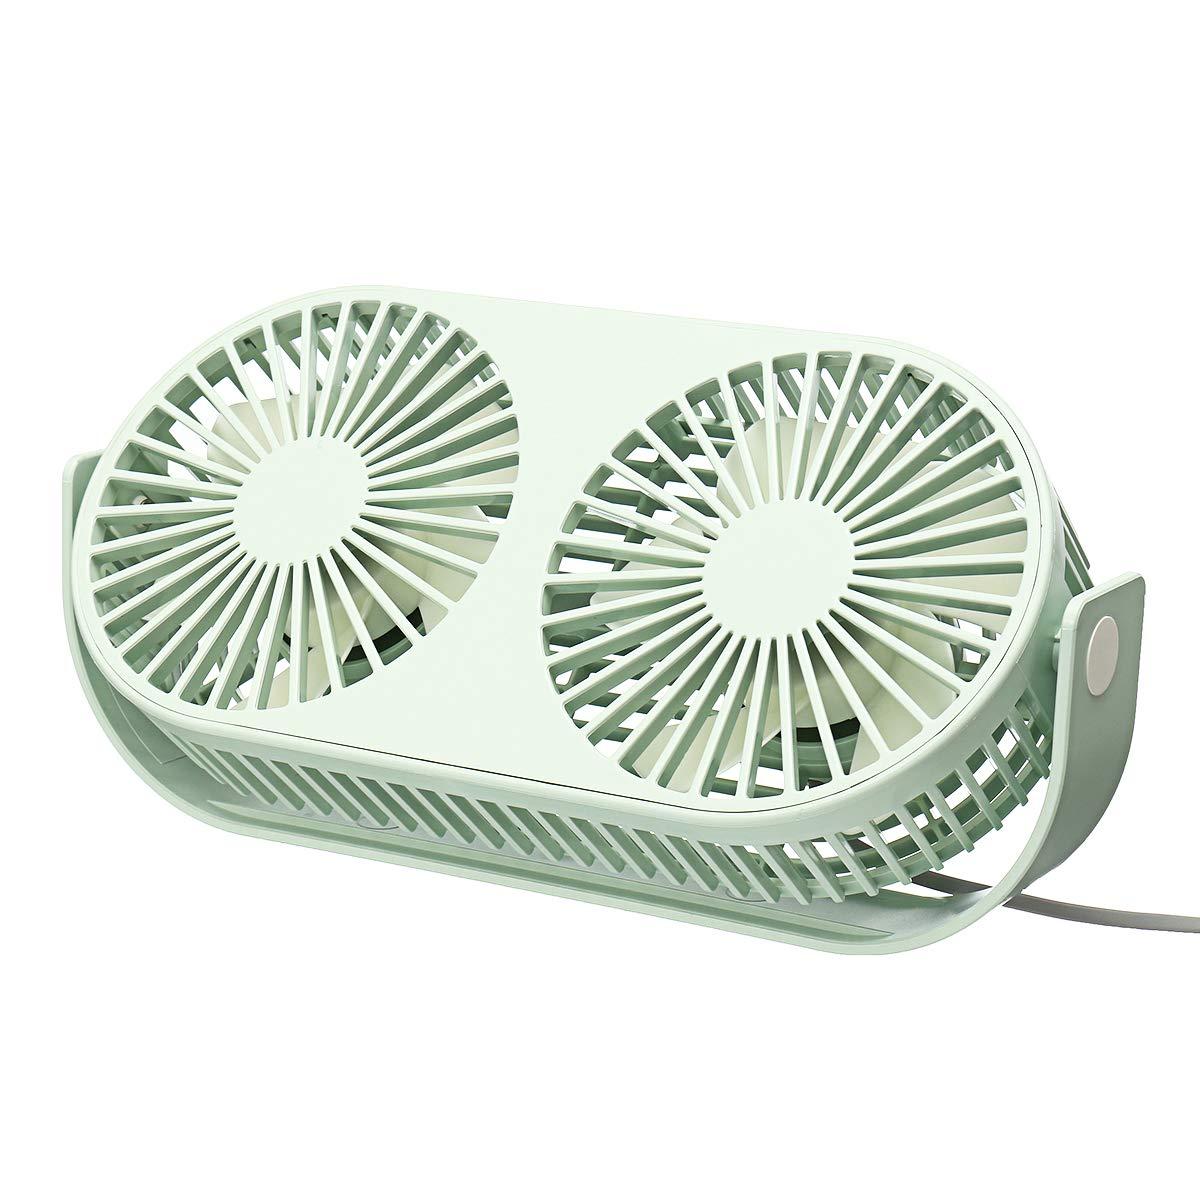 MASUNN Mini ventilador de mesa de escritorio Ventilador de enfriamiento de aire de enfriamiento portátil Ventilador silencioso de doble cabezal 3 velocidades - Rosa